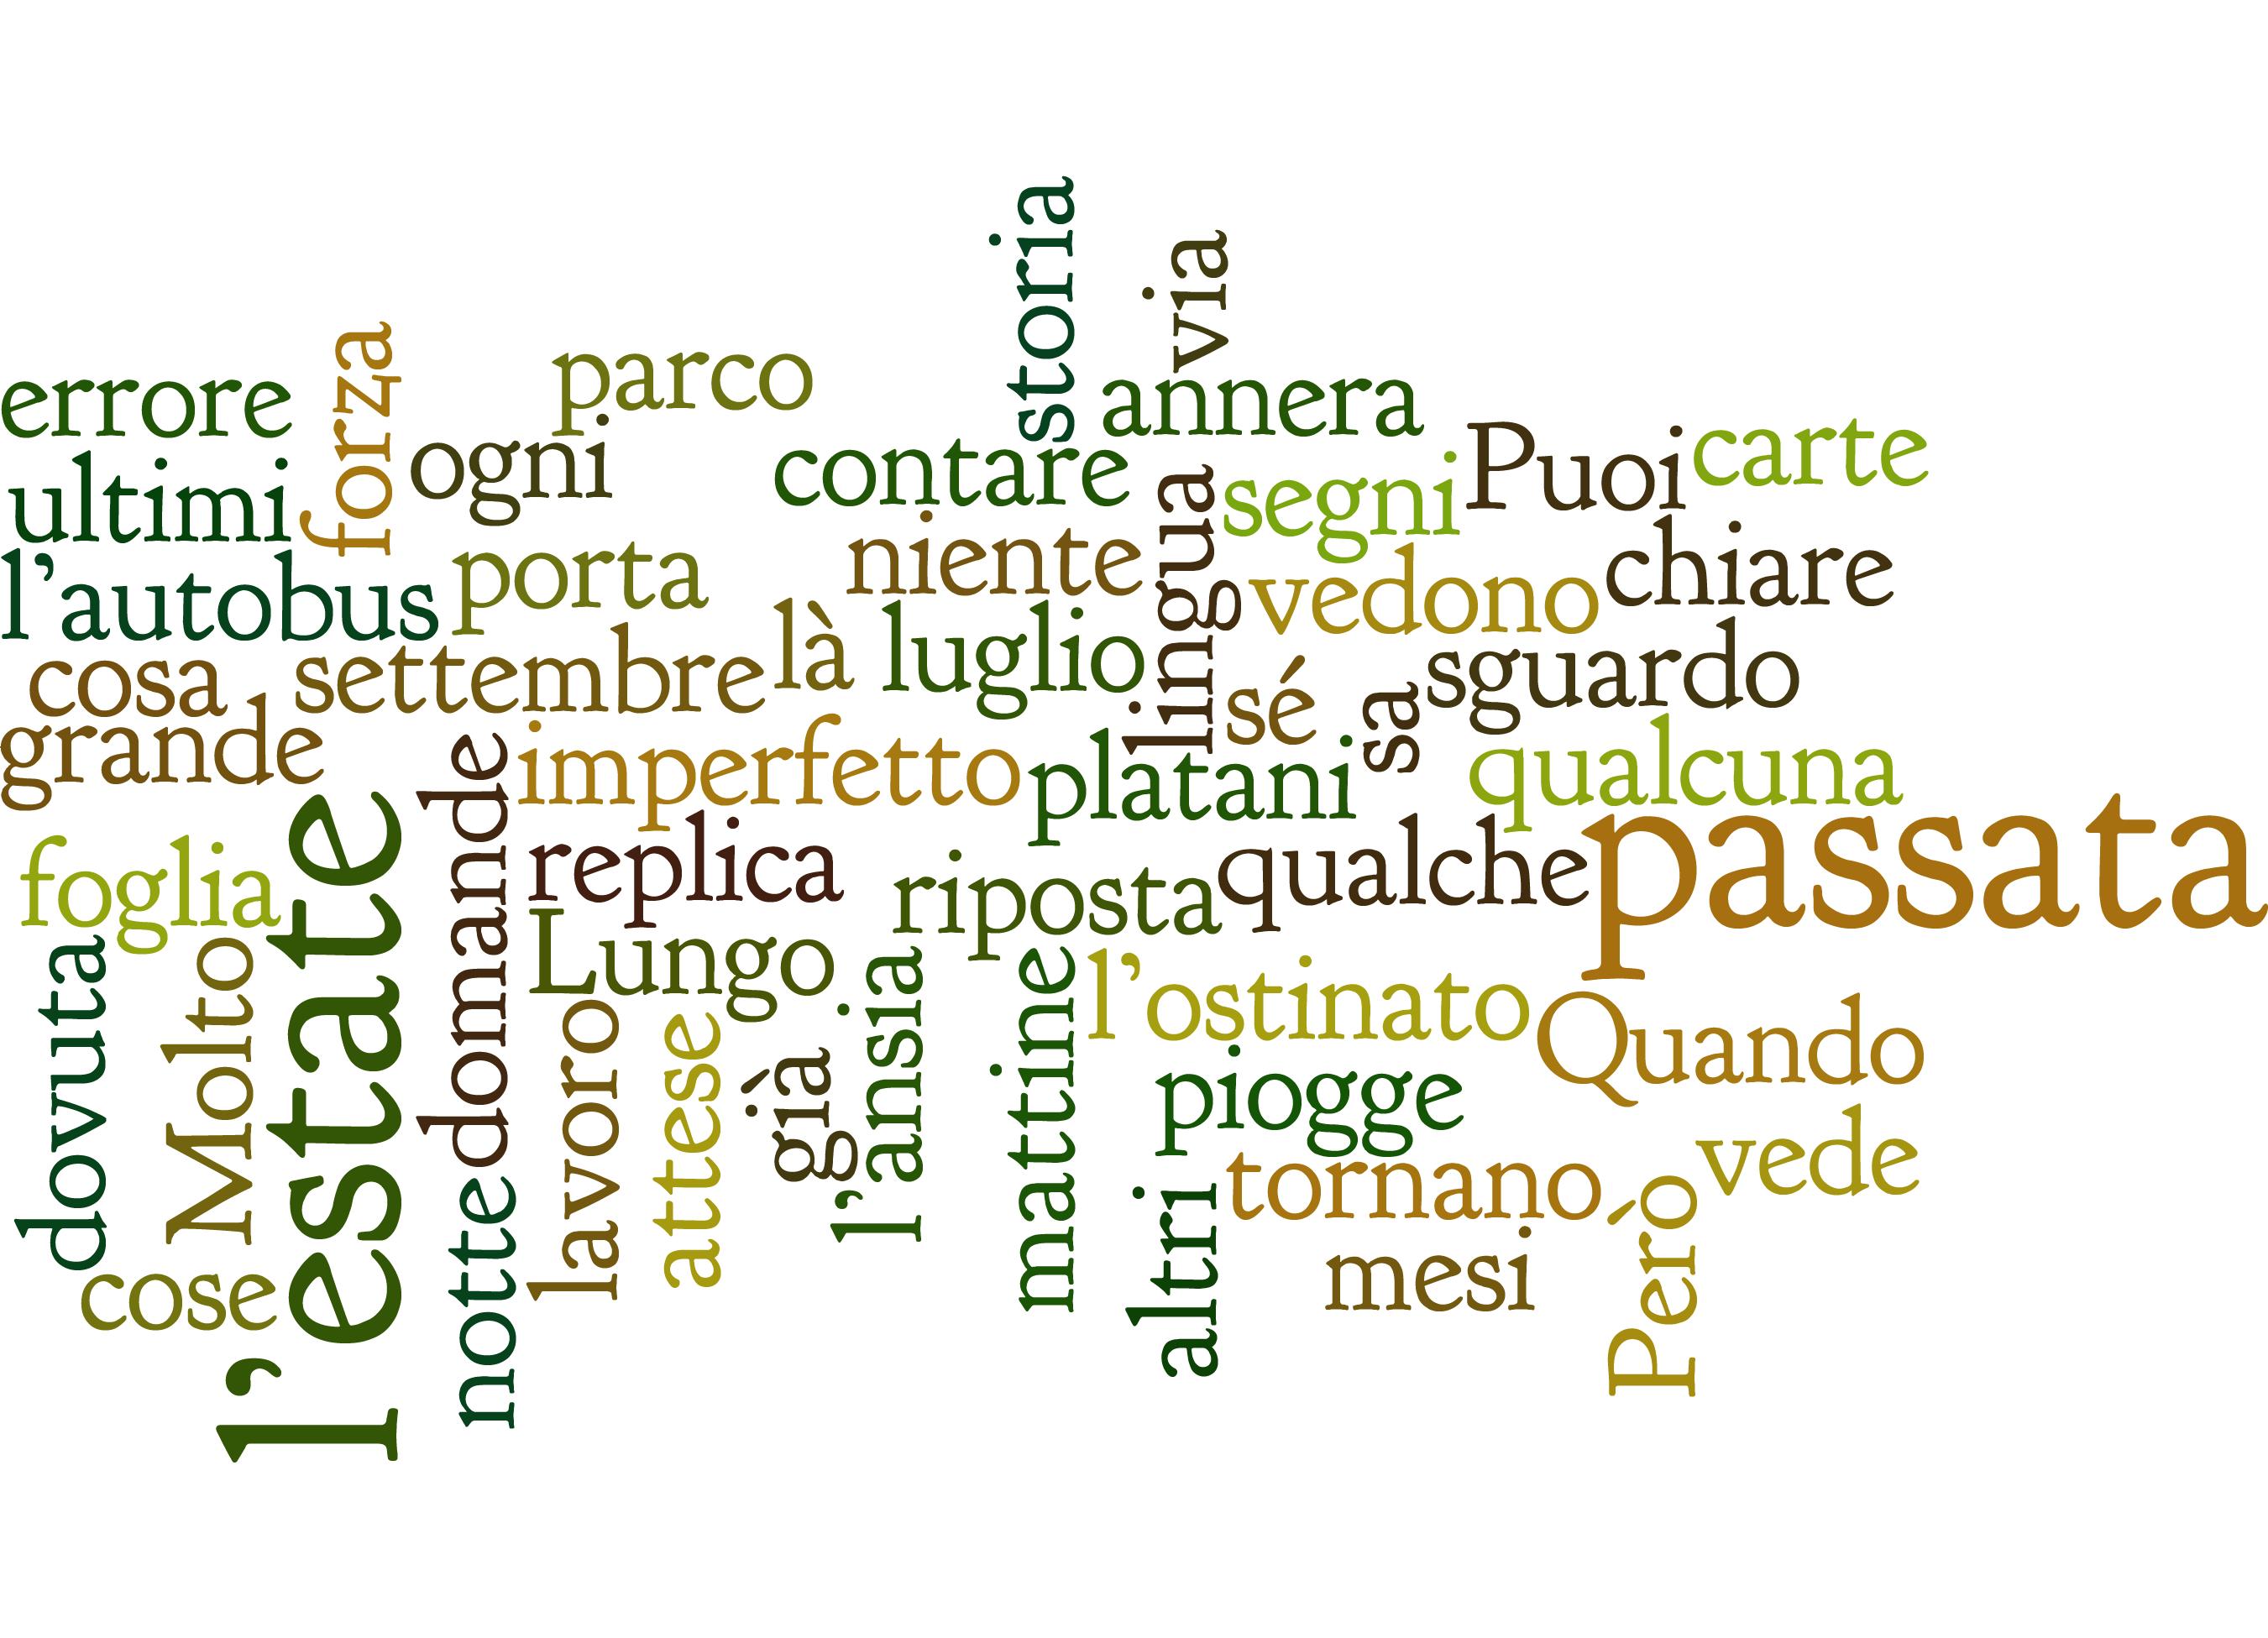 Molto chiare… di Franco Fortini